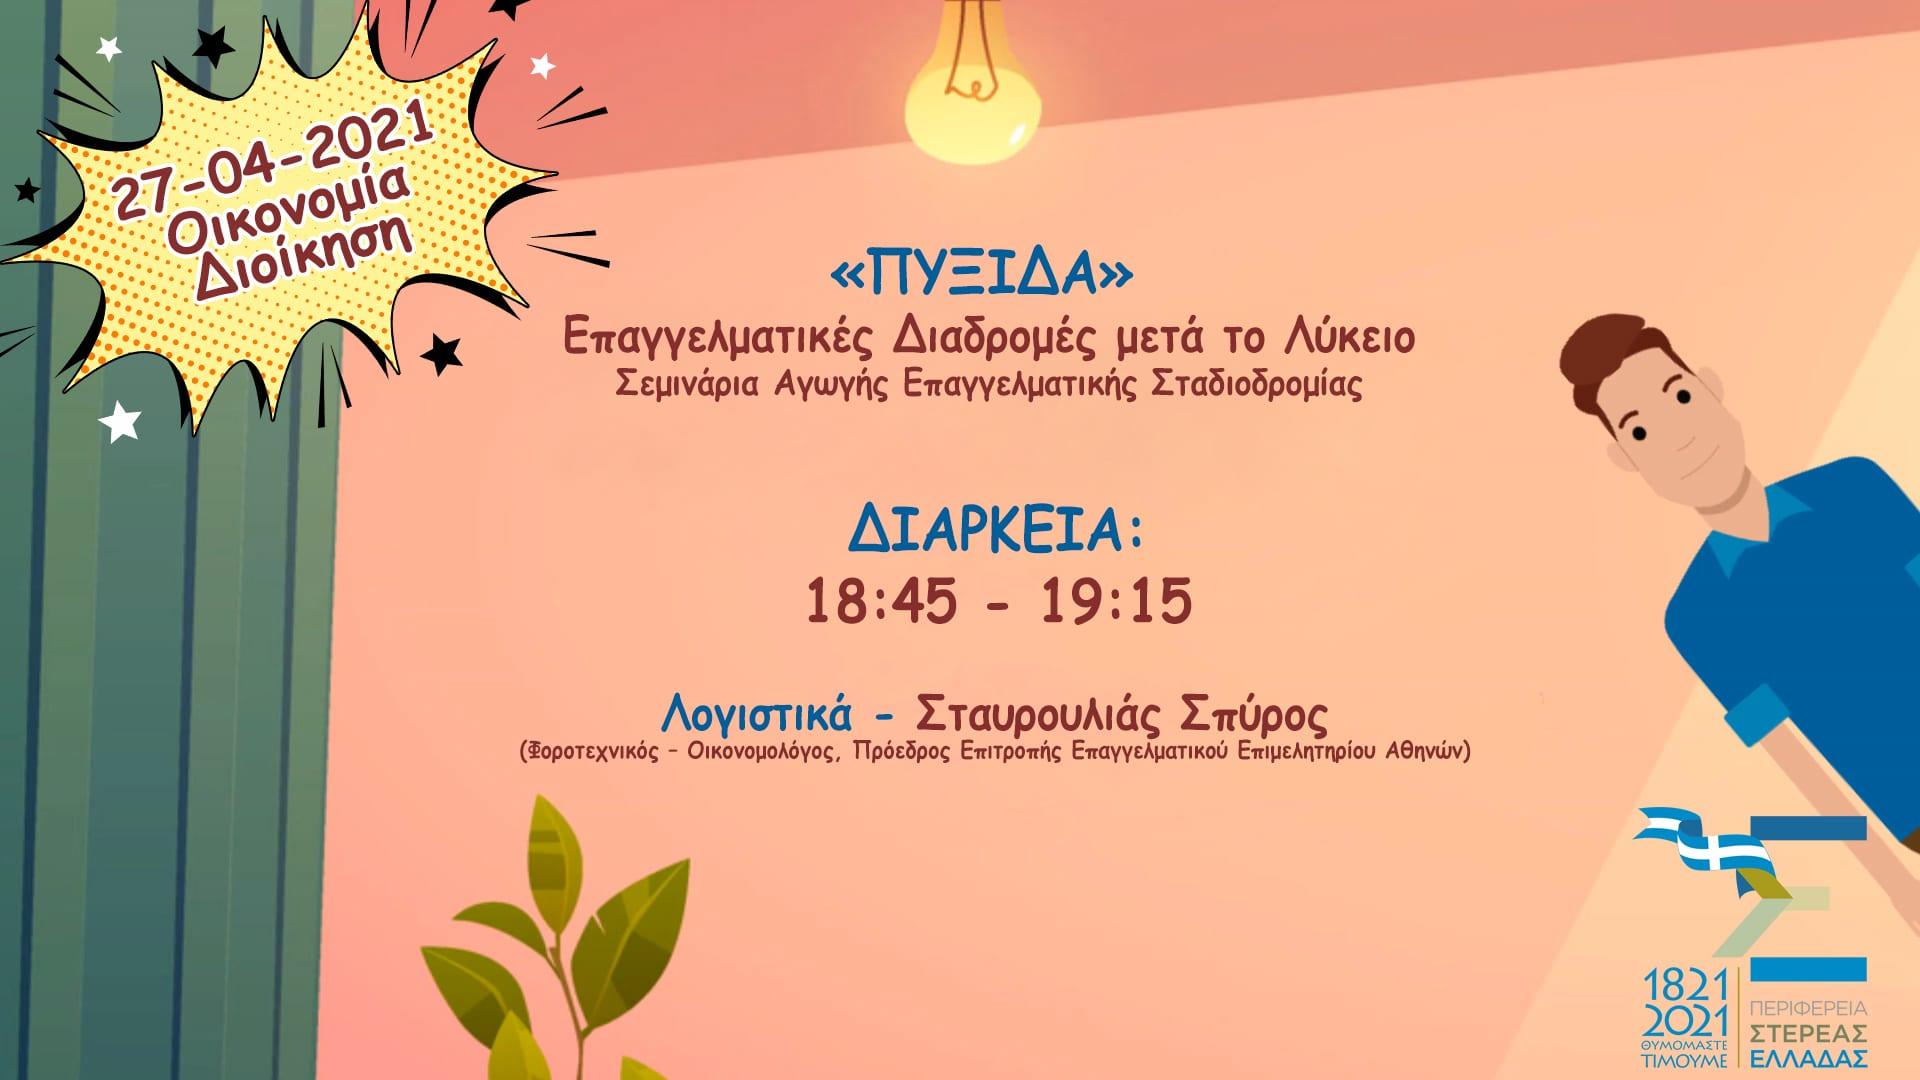 ΠΥΞΙΔΑ: 7η μέρα για τα επιτυχημένα σεμινάρια επαγγελματικής σταδιοδρομίας της ΠΣΤΕ, ΠΥΞΙΔΑ: 7η μέρα για τα επιτυχημένα σεμινάρια επαγγελματικής σταδιοδρομίας της ΠΣΤΕ, Eviathema.gr | ΕΥΒΟΙΑ ΝΕΑ - Νέα και ειδήσεις από όλη την Εύβοια